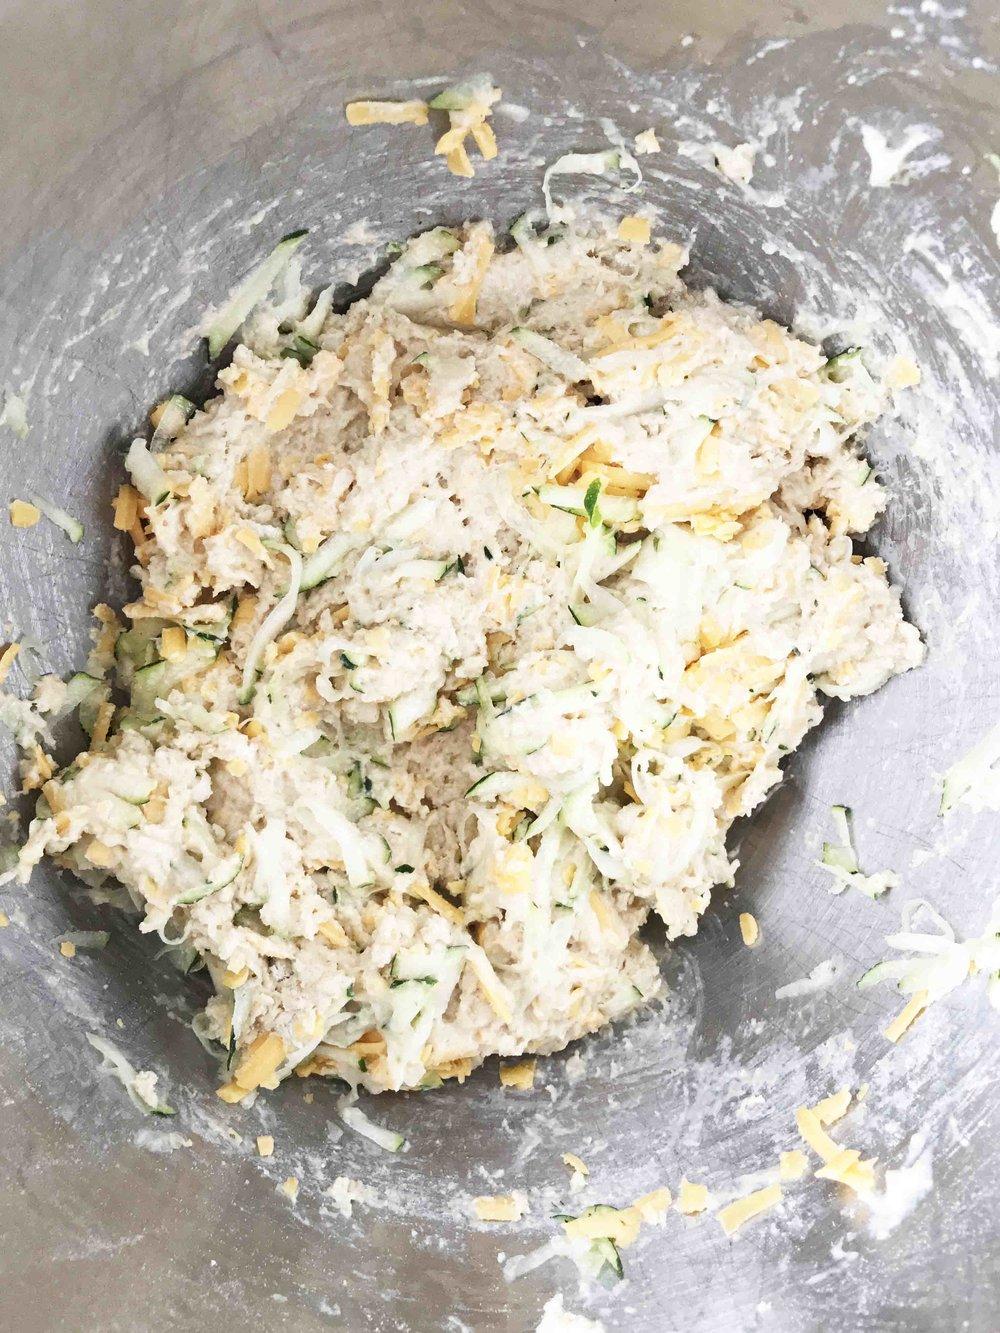 cheddar-chive-zuch-bread6.jpg